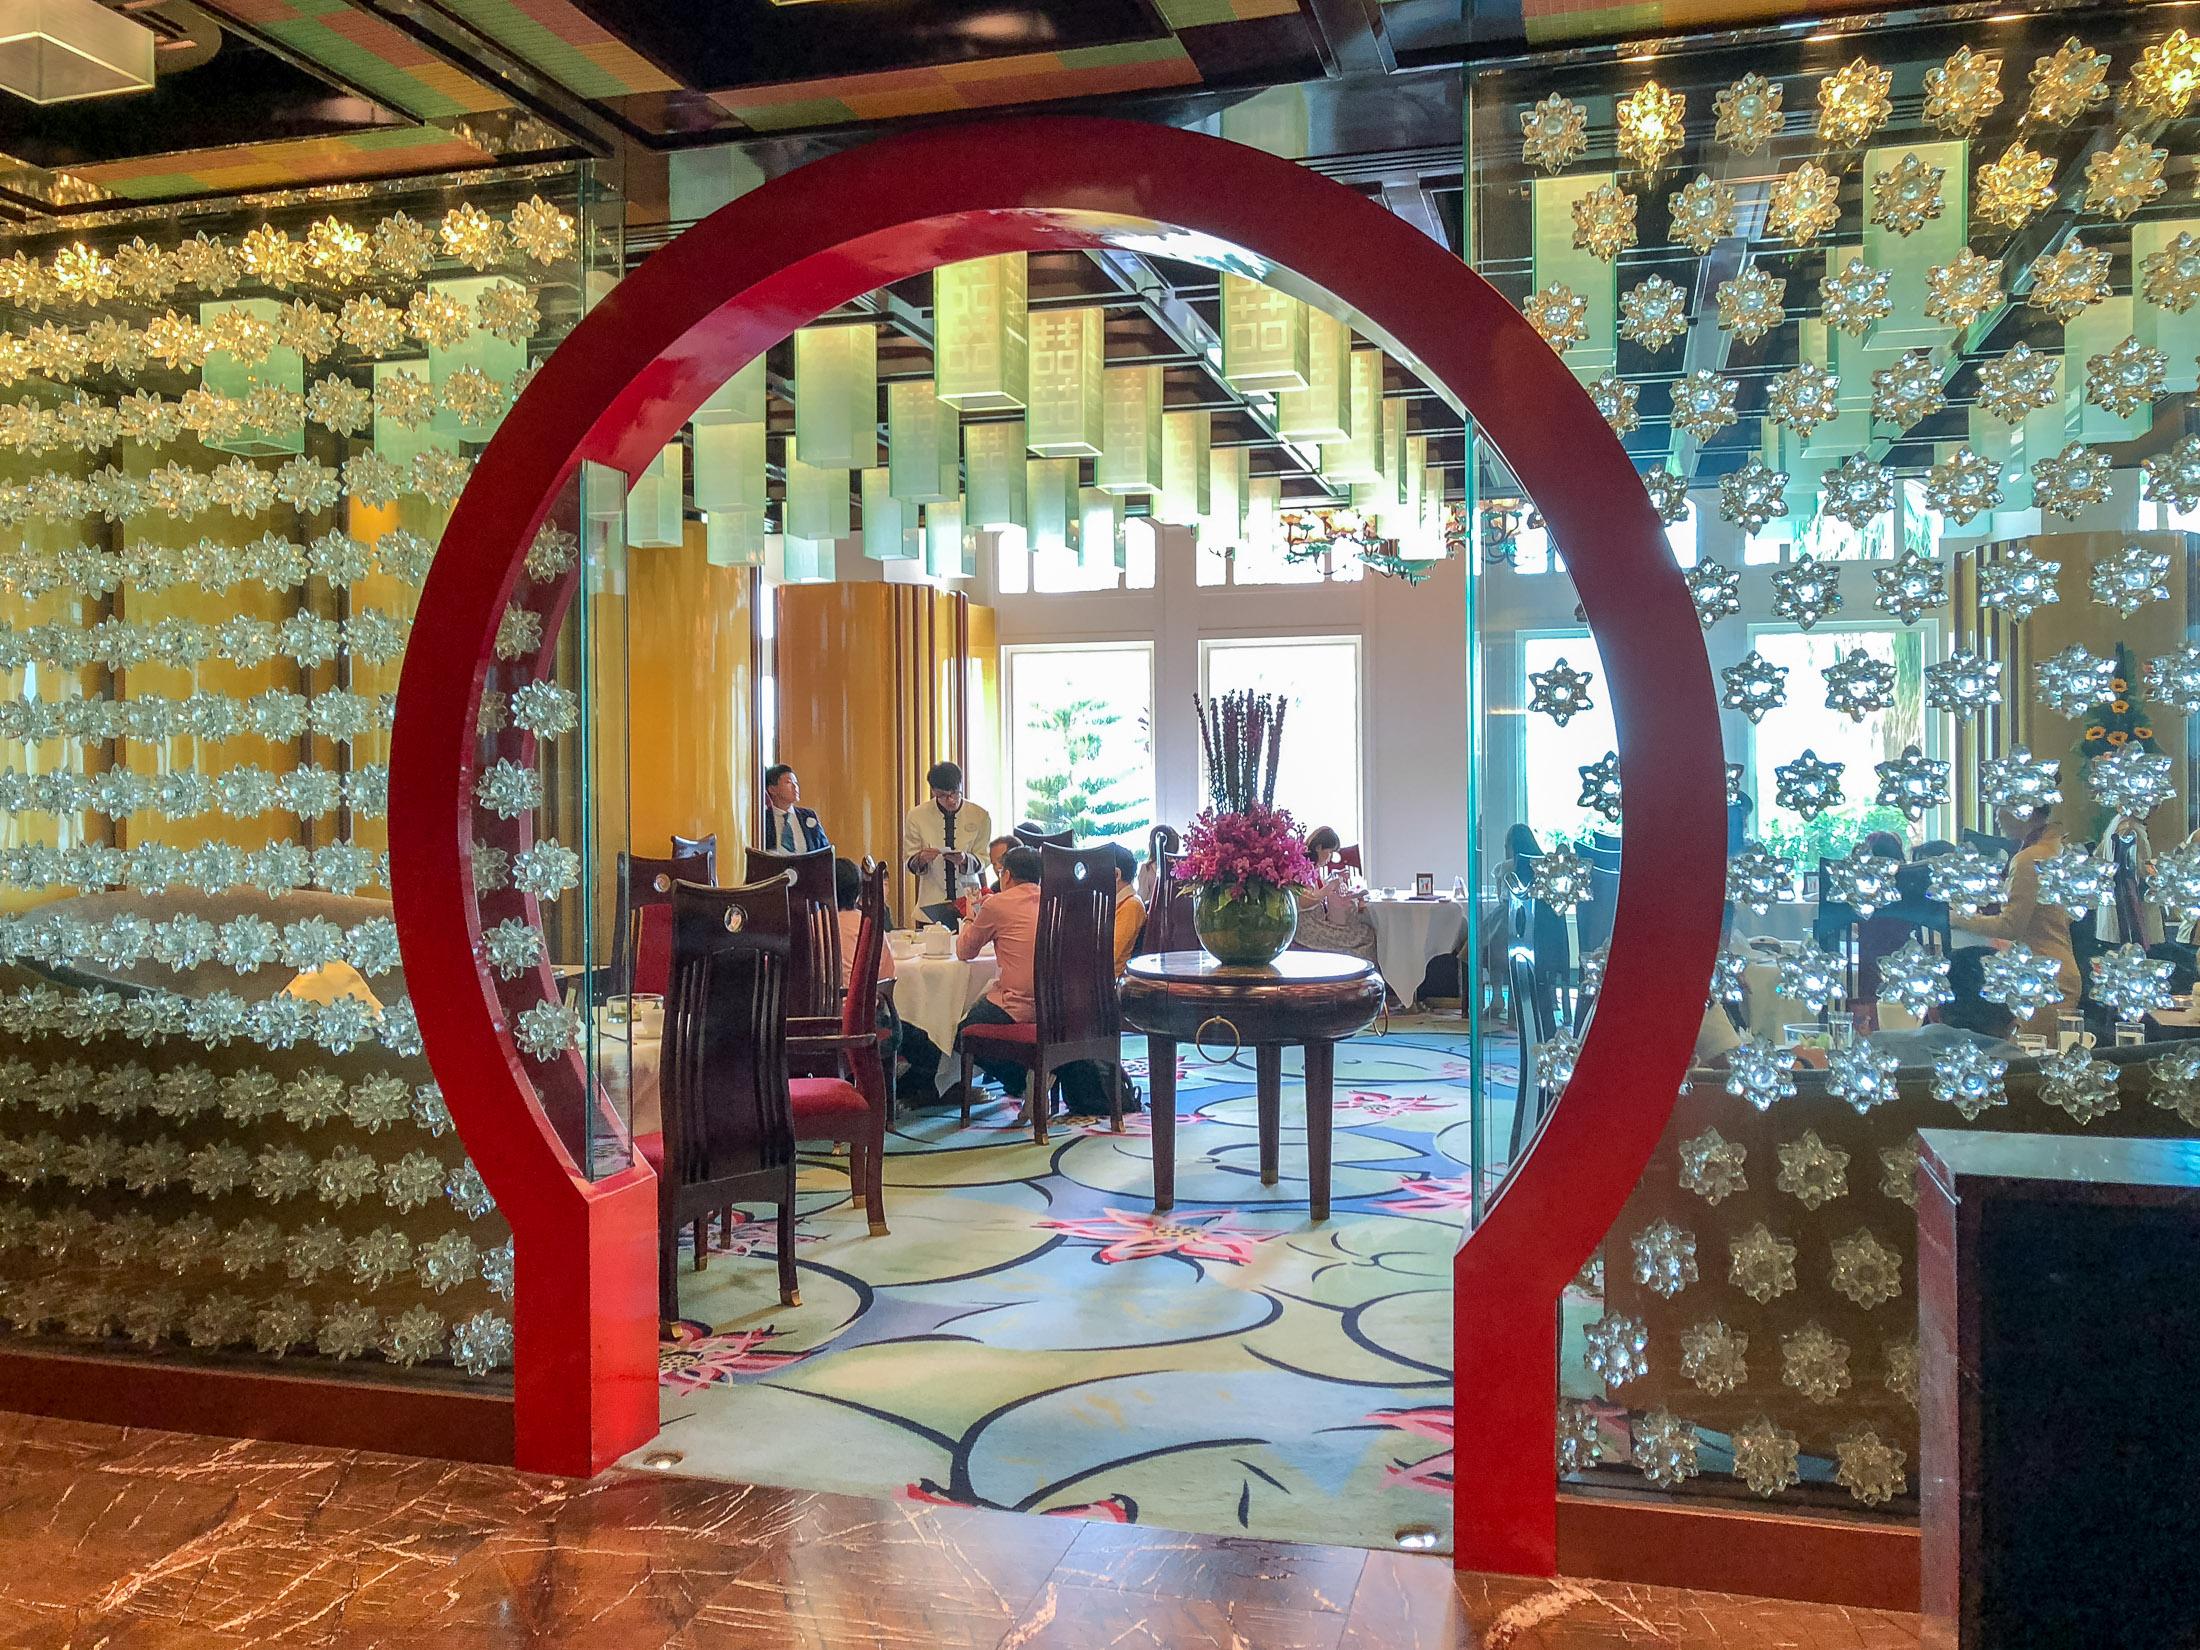 Crystal Lotus Restaurant at Hong Kong Disneyland Hotel